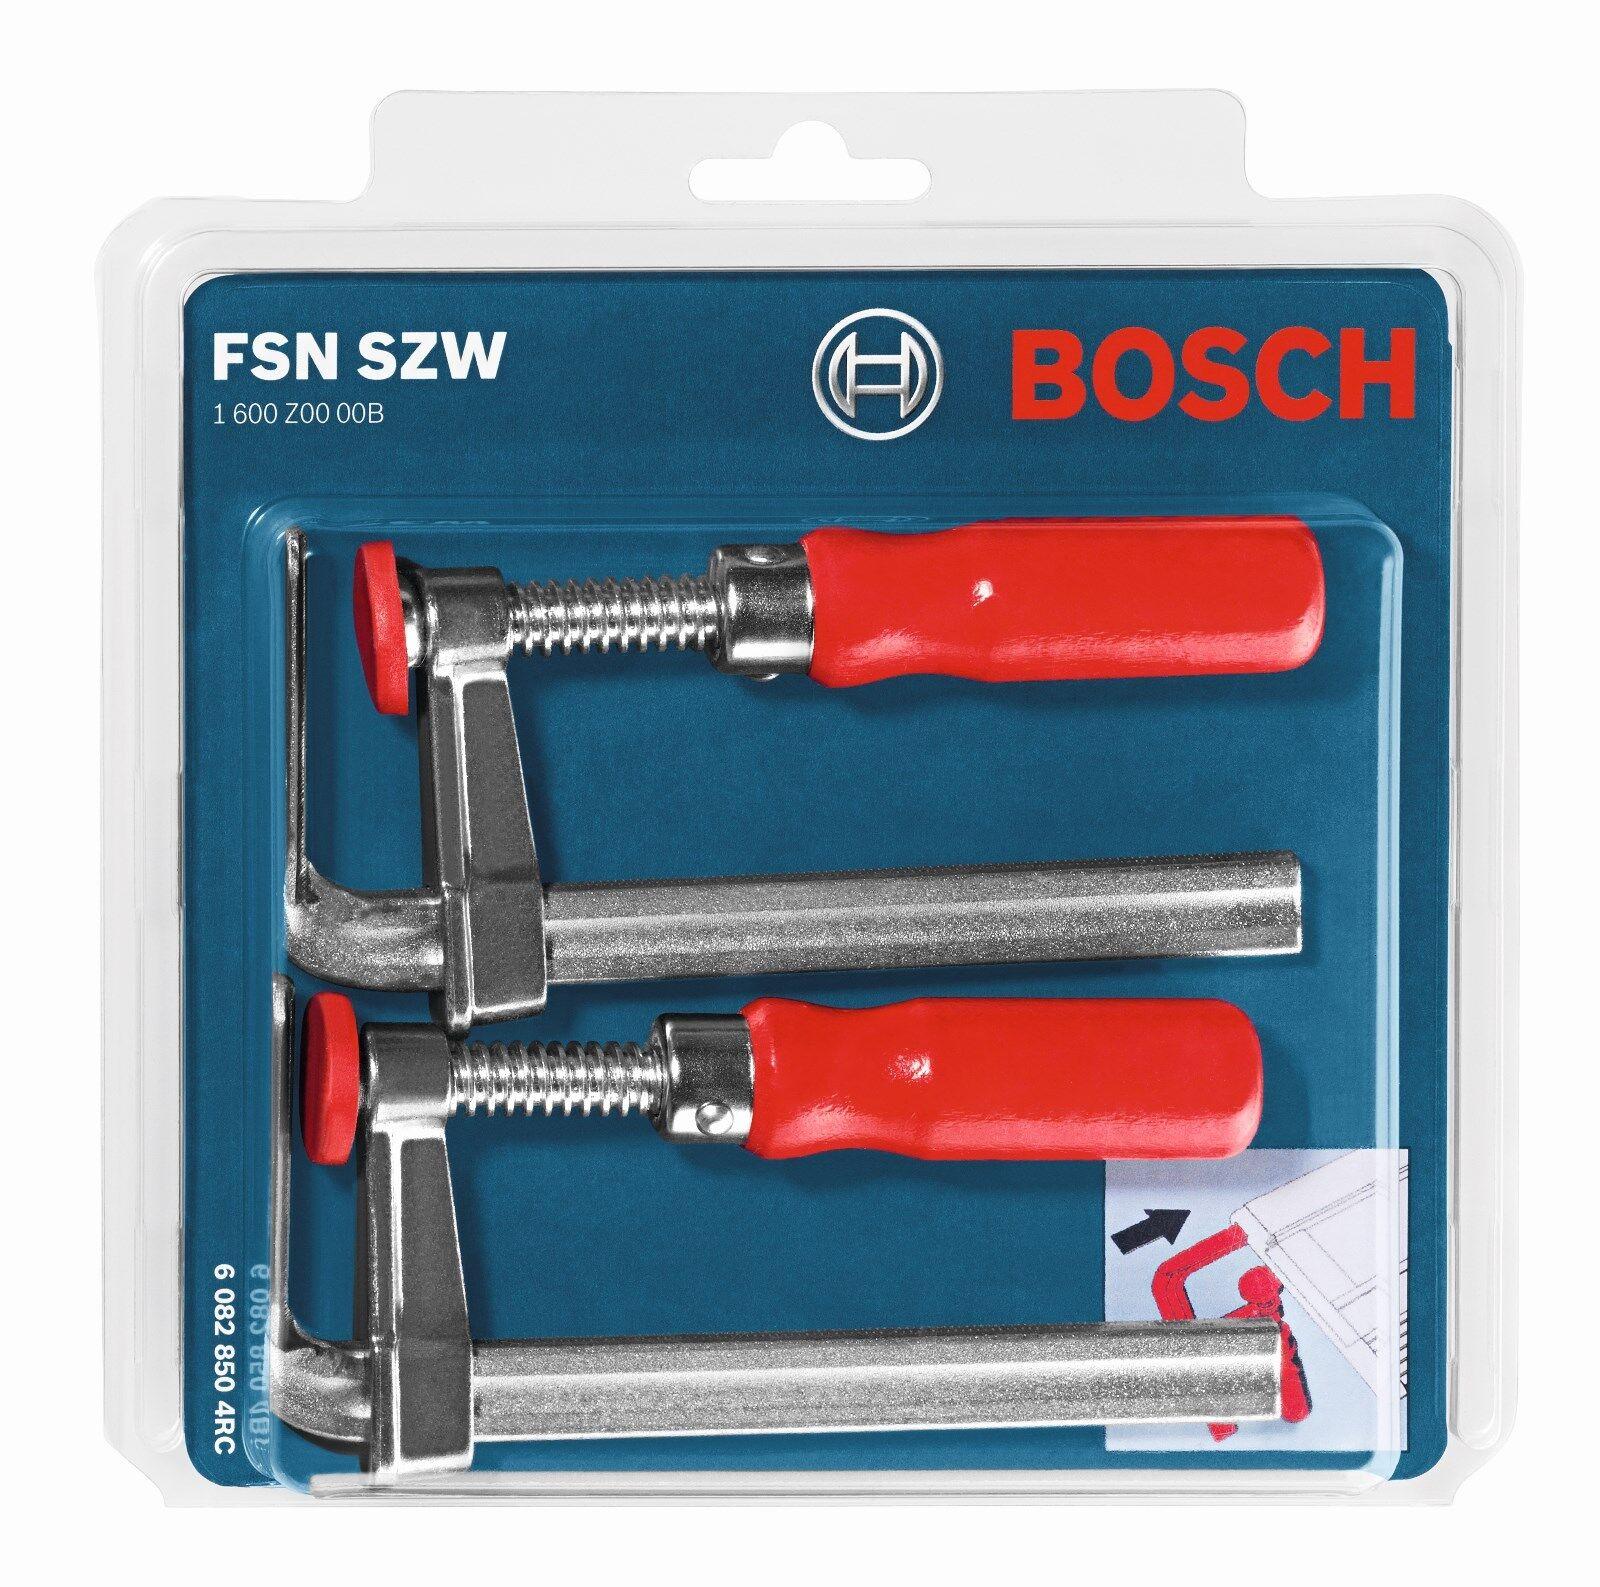 Bosch Schraubzwingen FSN SZW für die Führungsschiene von GKT/GKS 55/65/85 GCE